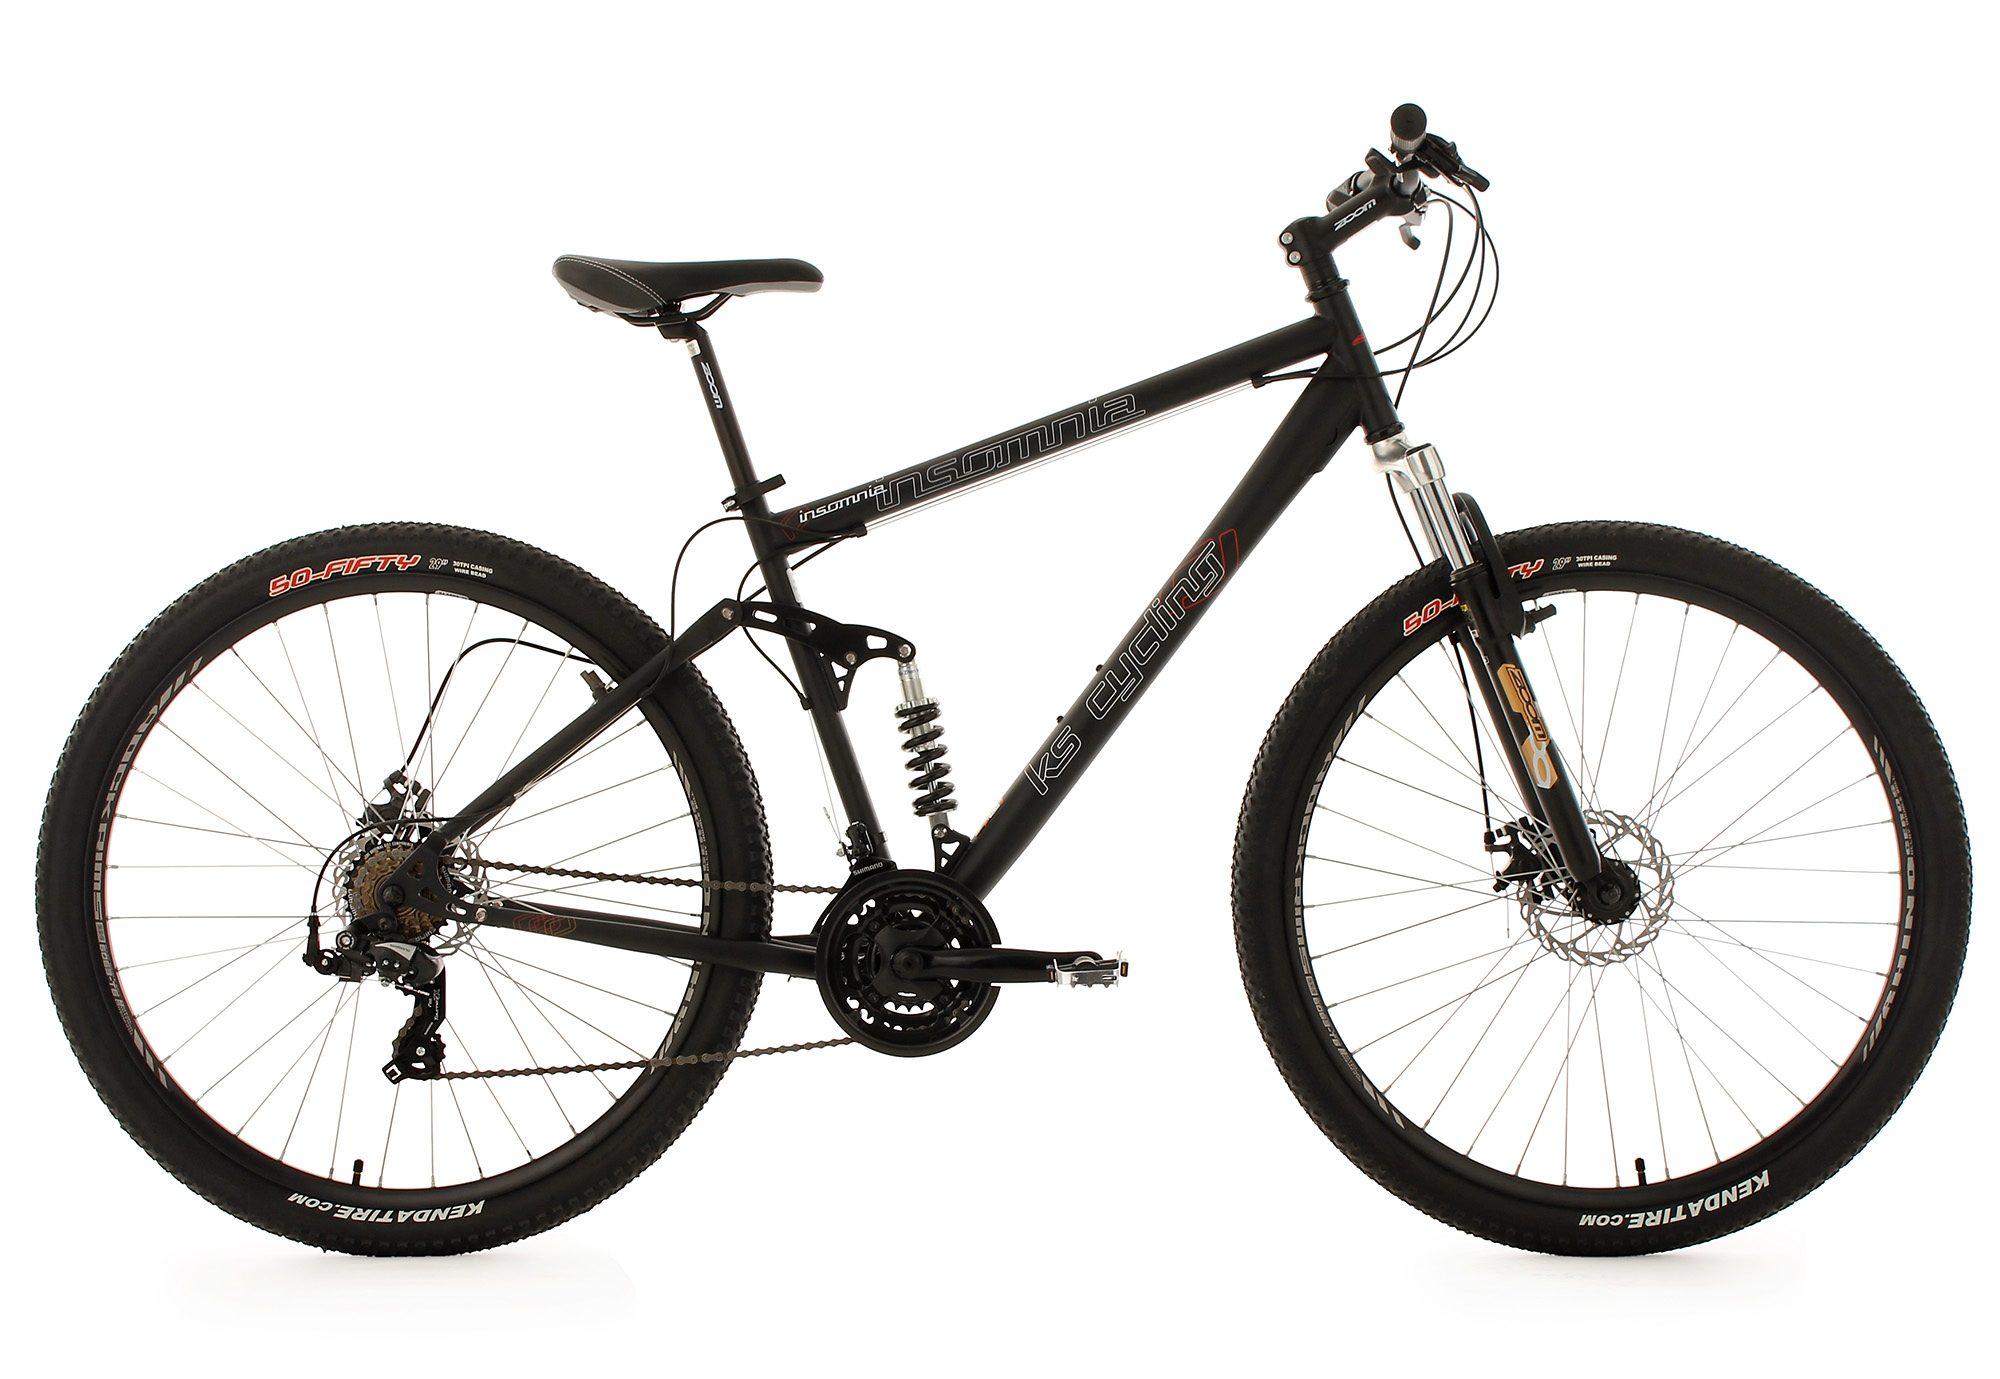 KS Cycling Fully Mountainbike, 29 Zoll, schwarz, 21 Gang-Kettenschaltung, »Insomnia«